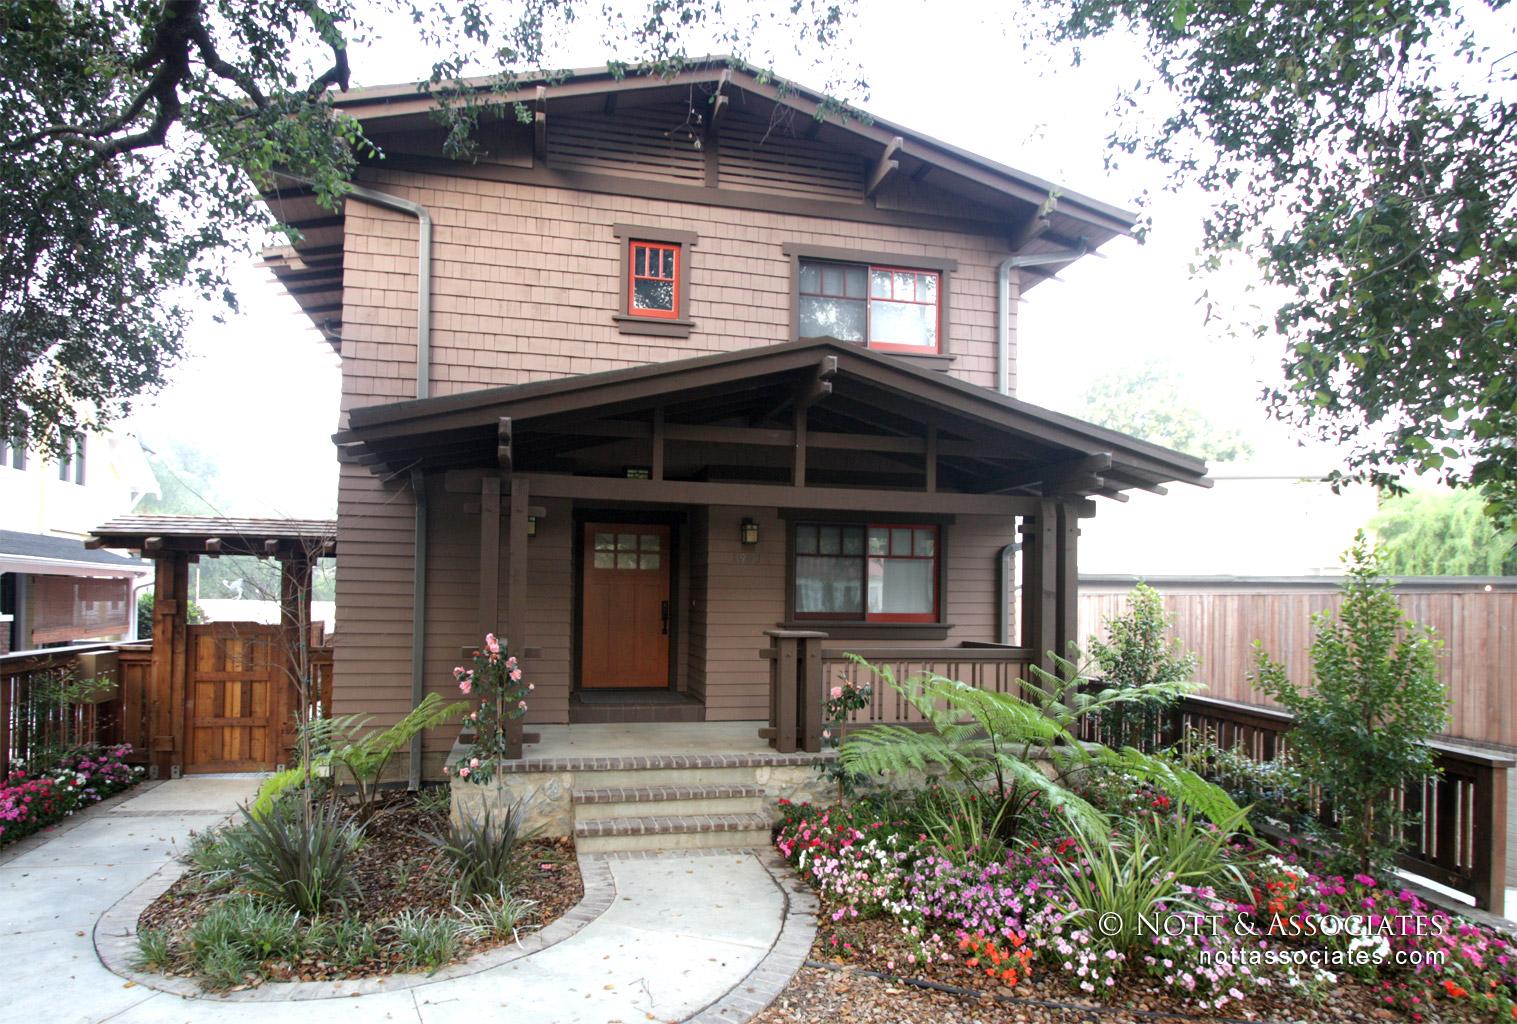 Classic Craftsman style condominium in South Pasadena.